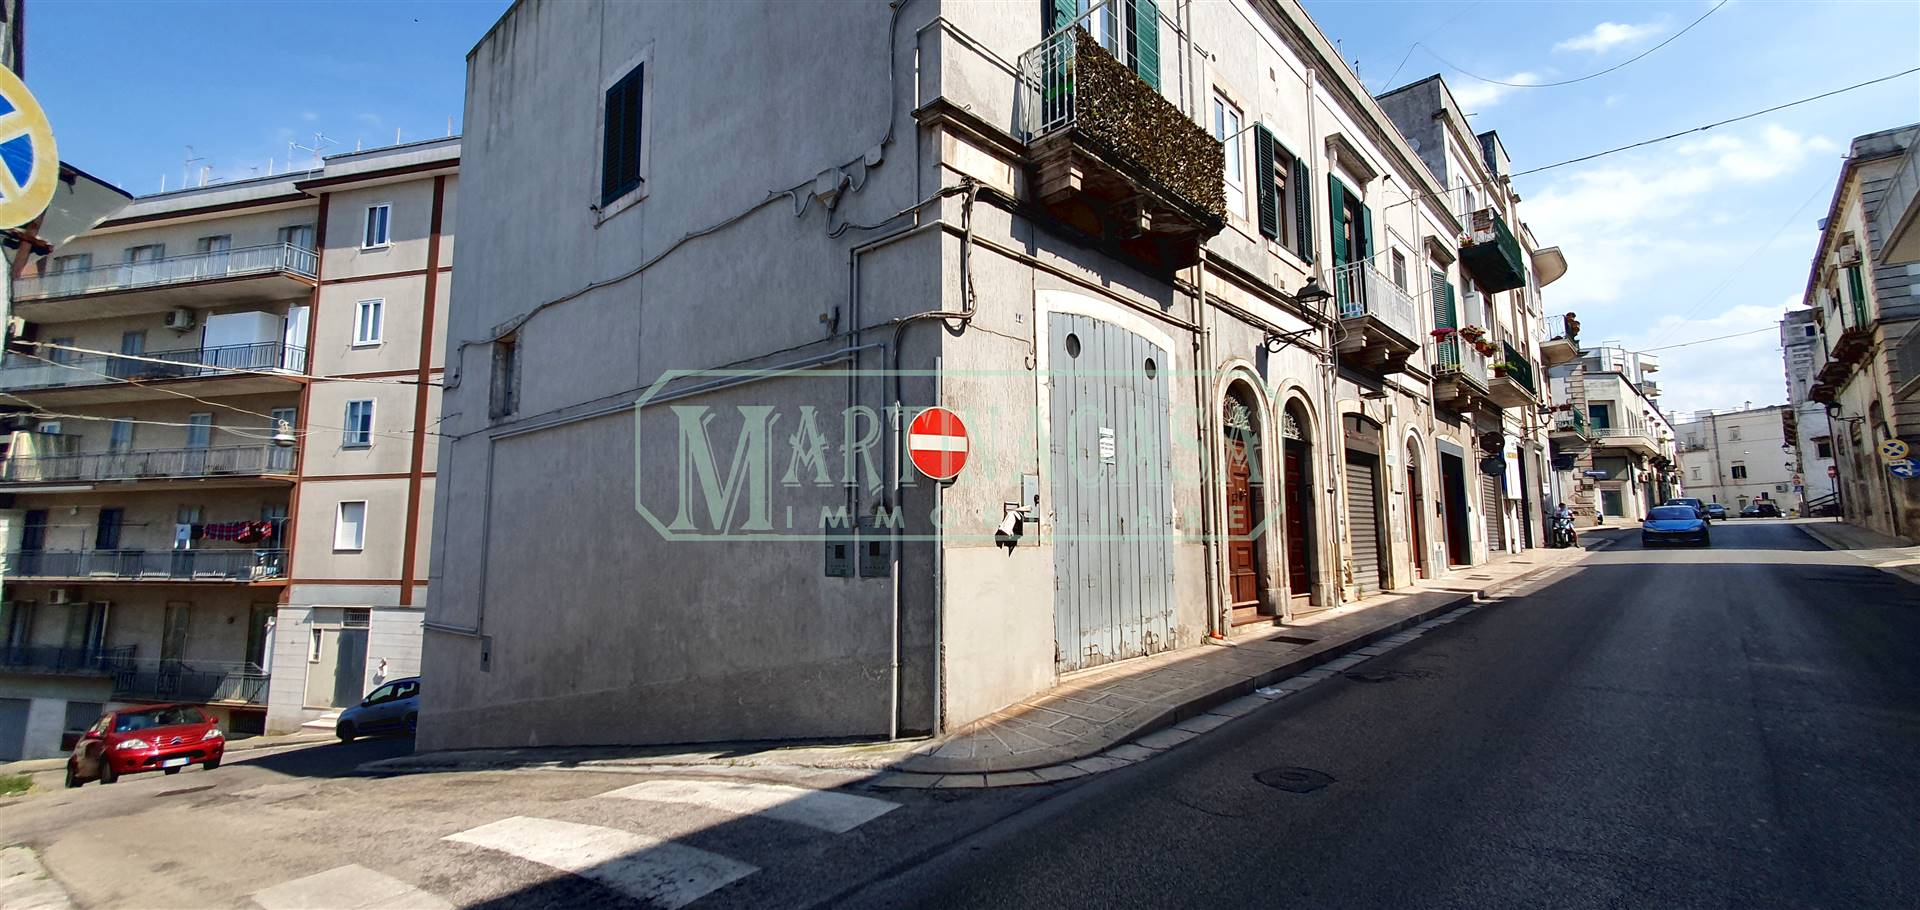 Appartamento in vendita a Martina Franca, 3 locali, zona Località: EXTRAMURALE, prezzo € 78.000 | CambioCasa.it